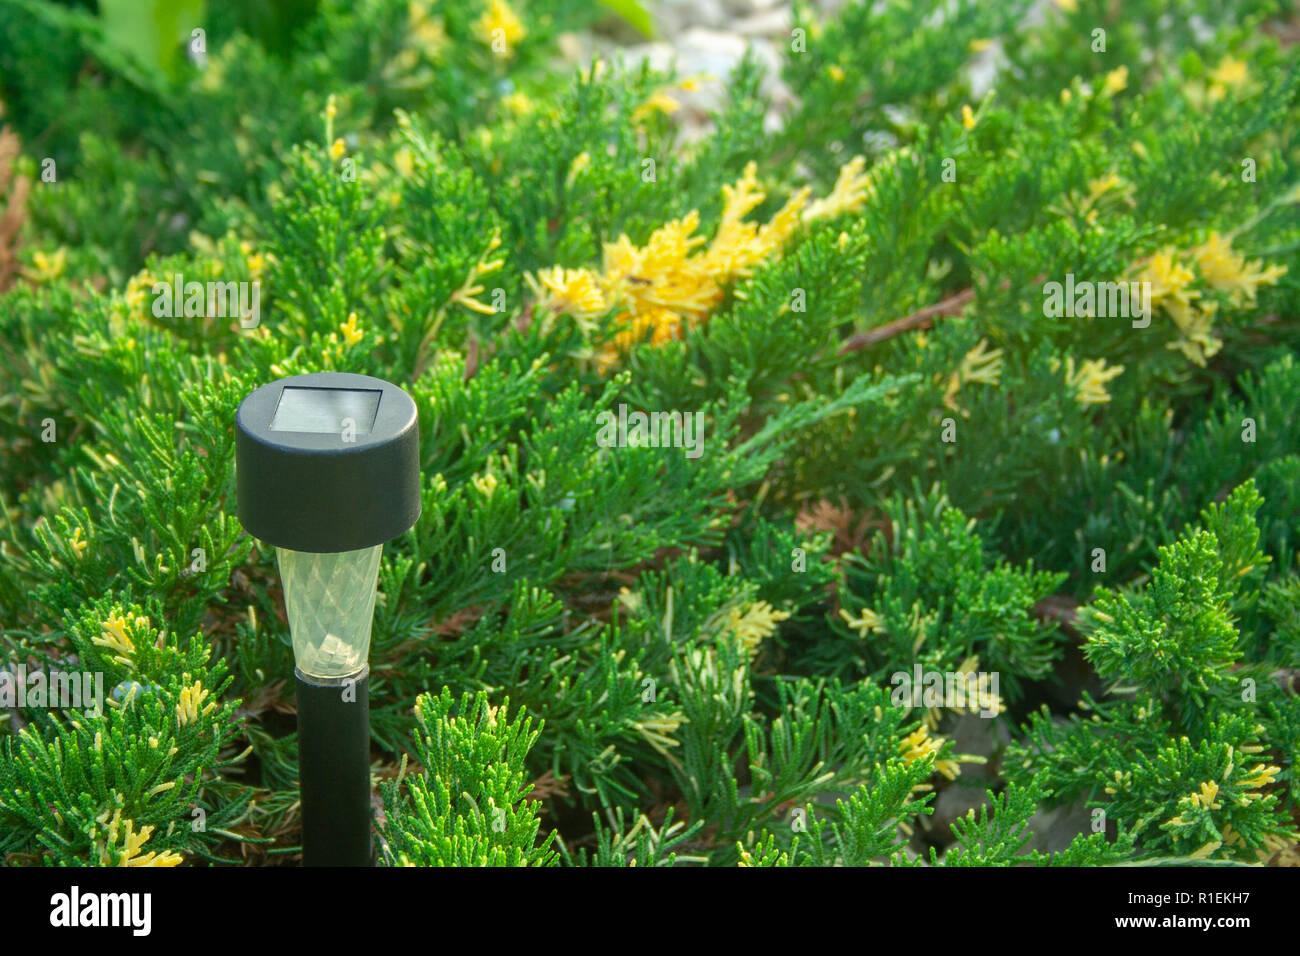 Lampe solaire pour jardin dans le Buisson de genévrier ...